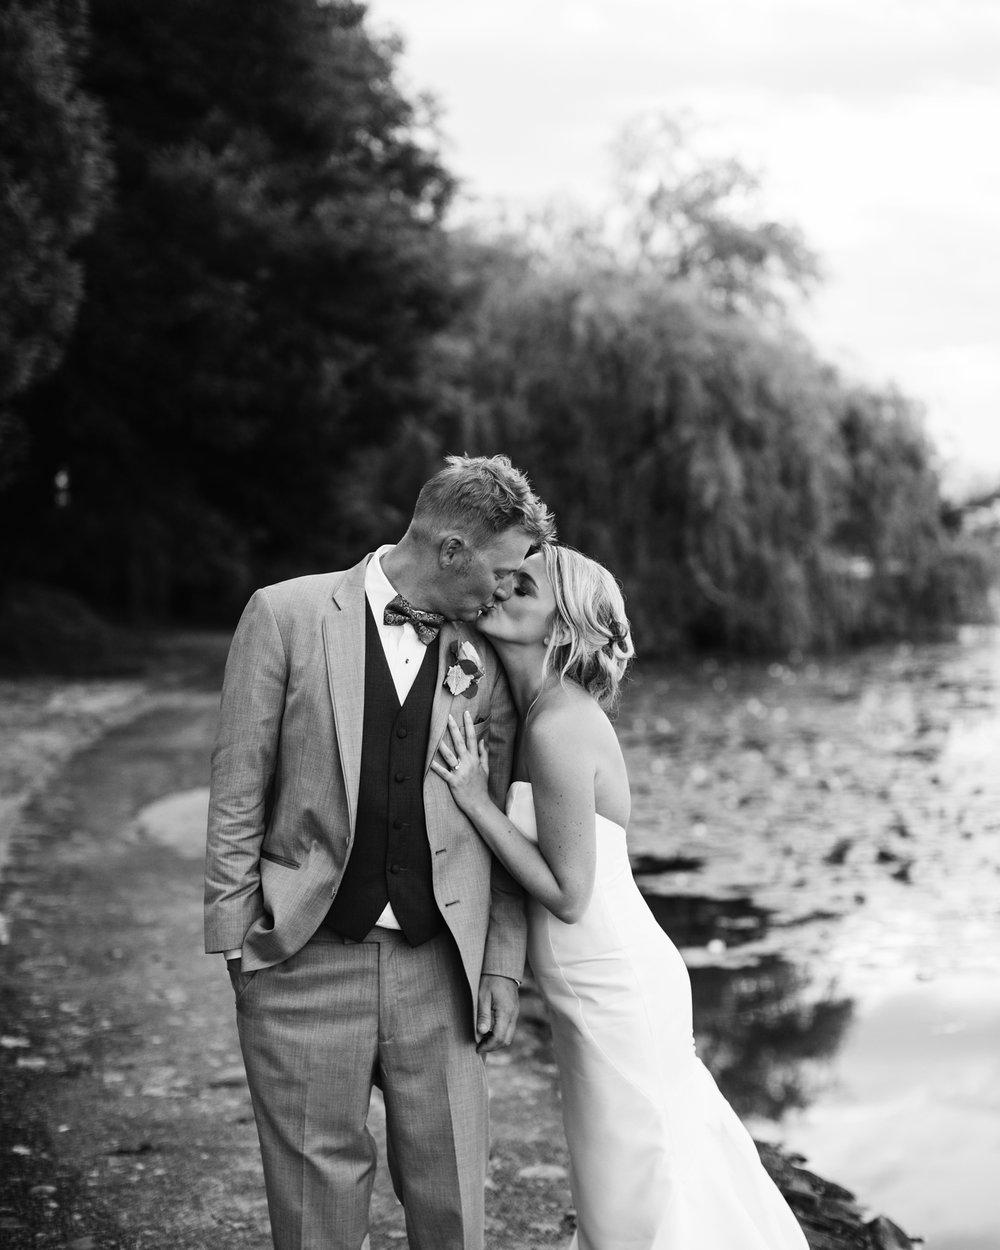 168-daronjackson-gabby-alec-wedding.jpg